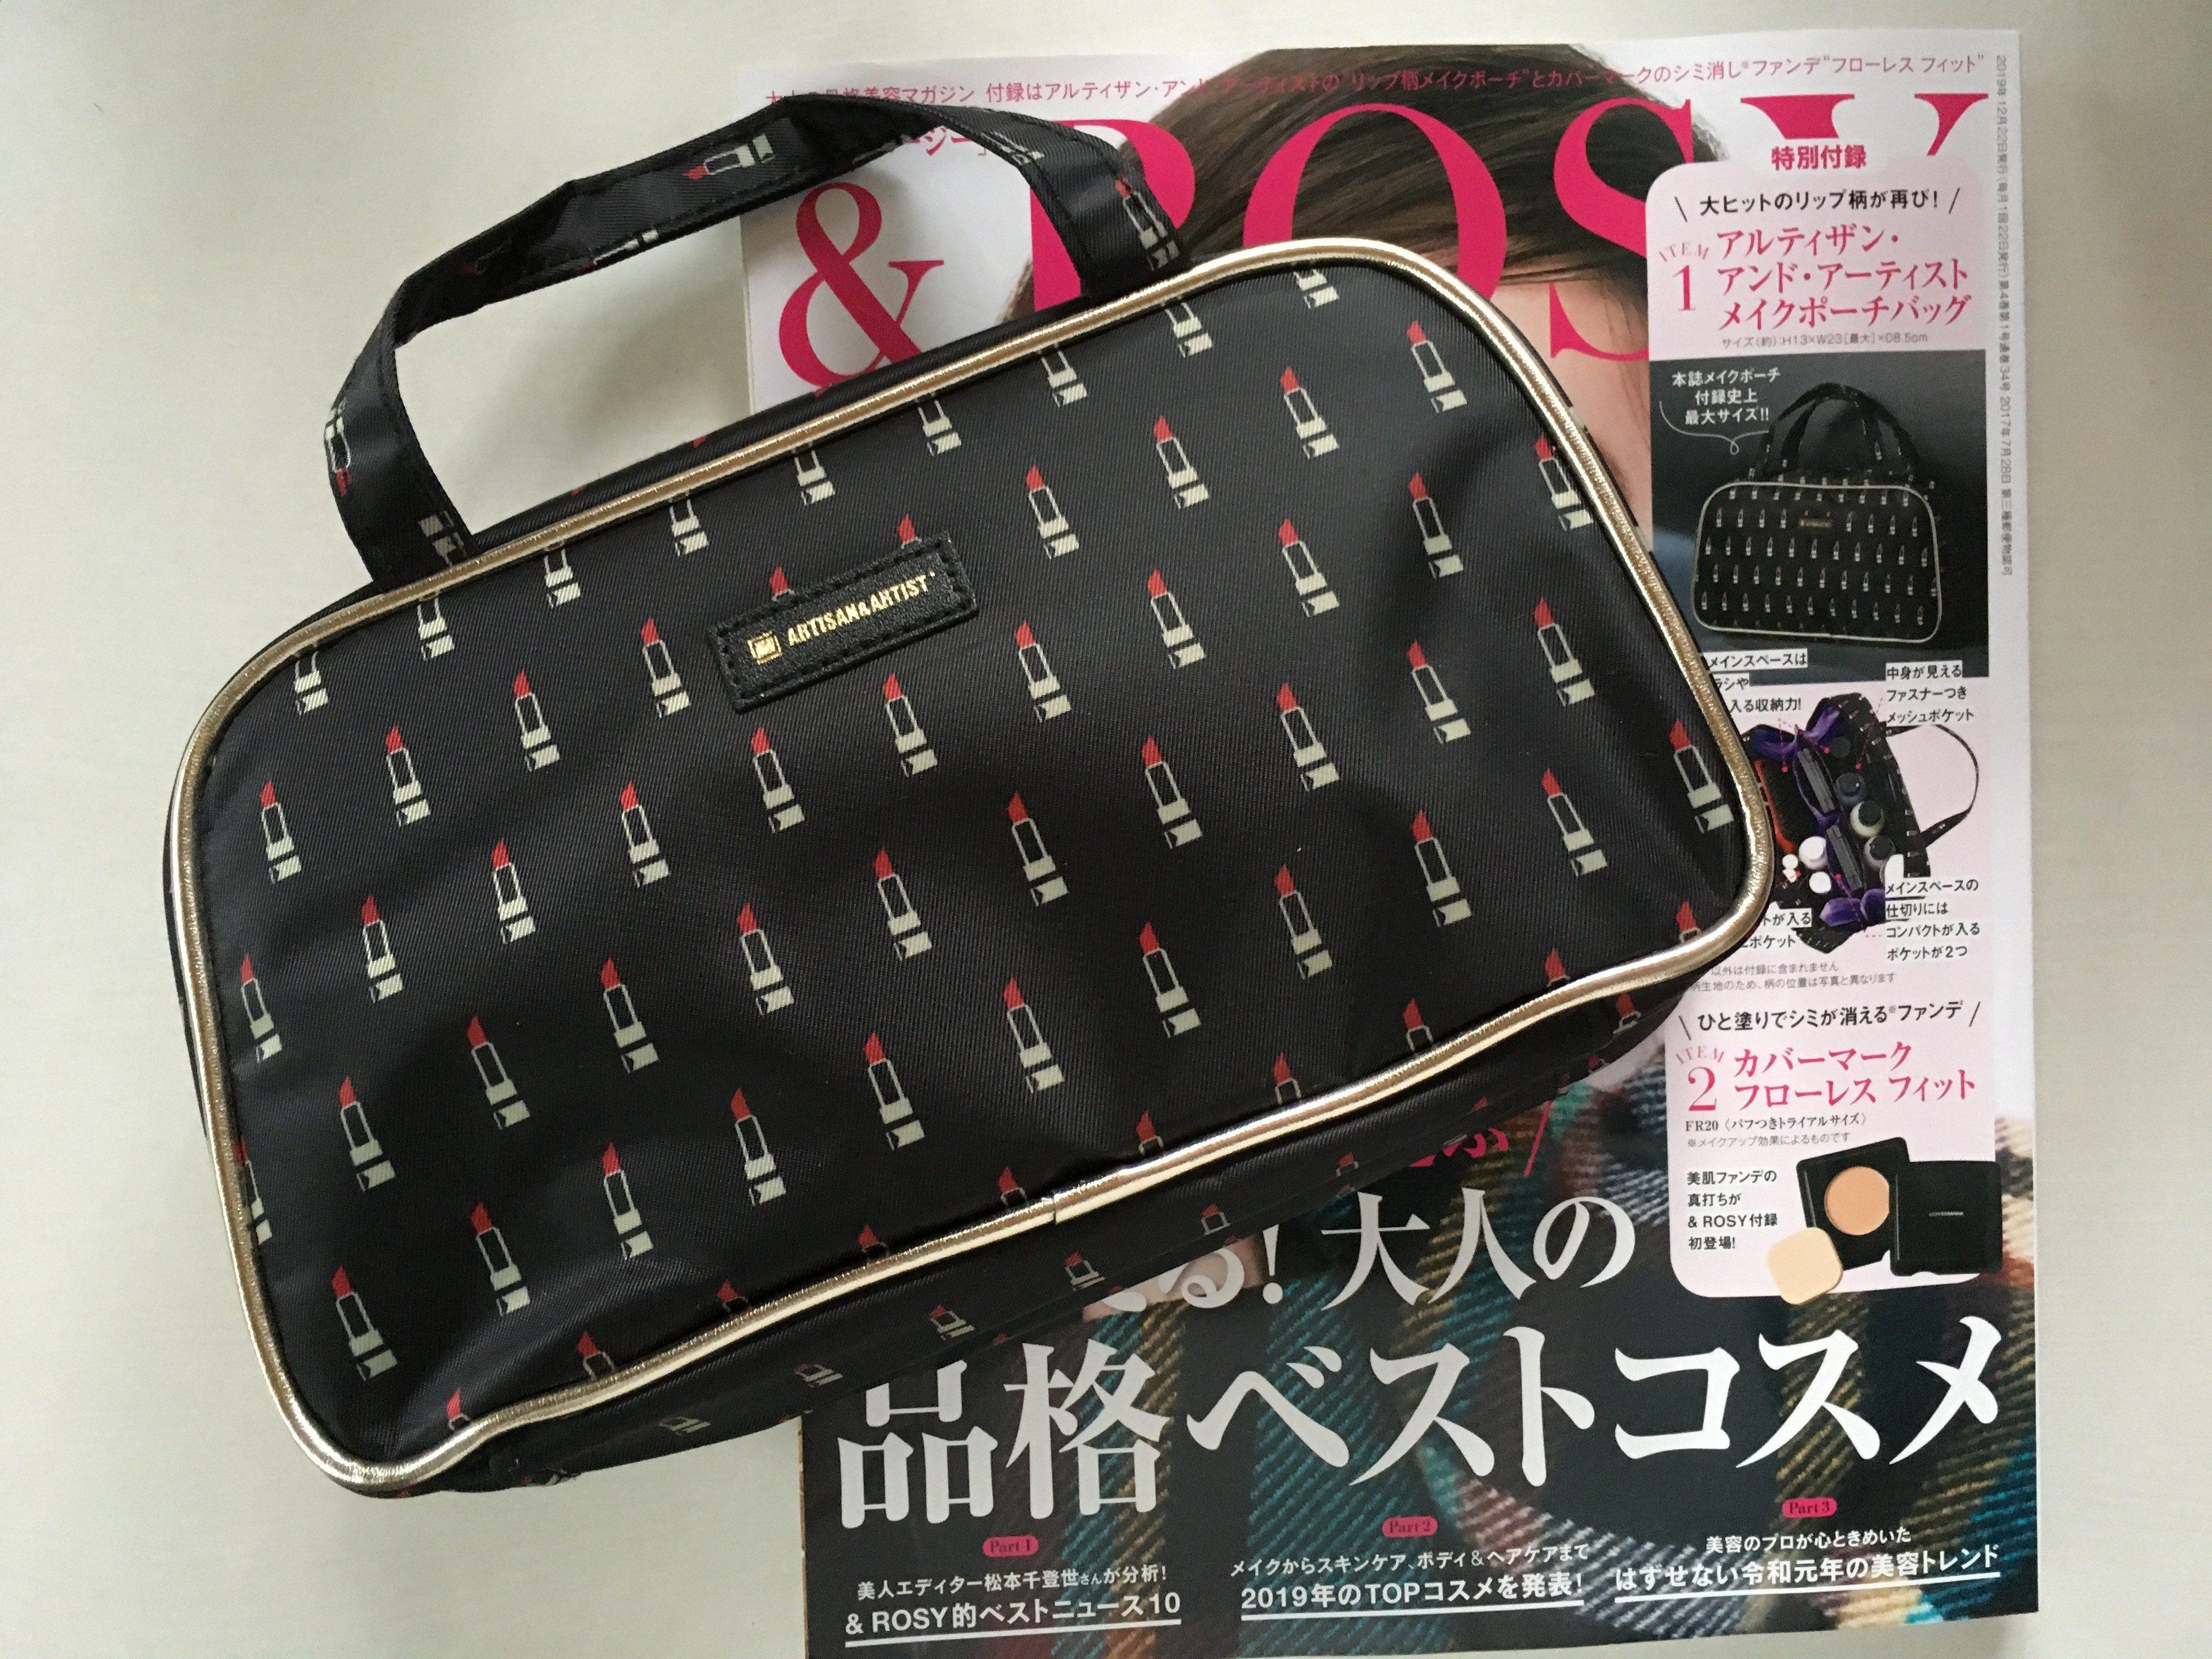 【雑誌付録】人気ブランドのメイクポーチバッグ!&ROSY1月号!